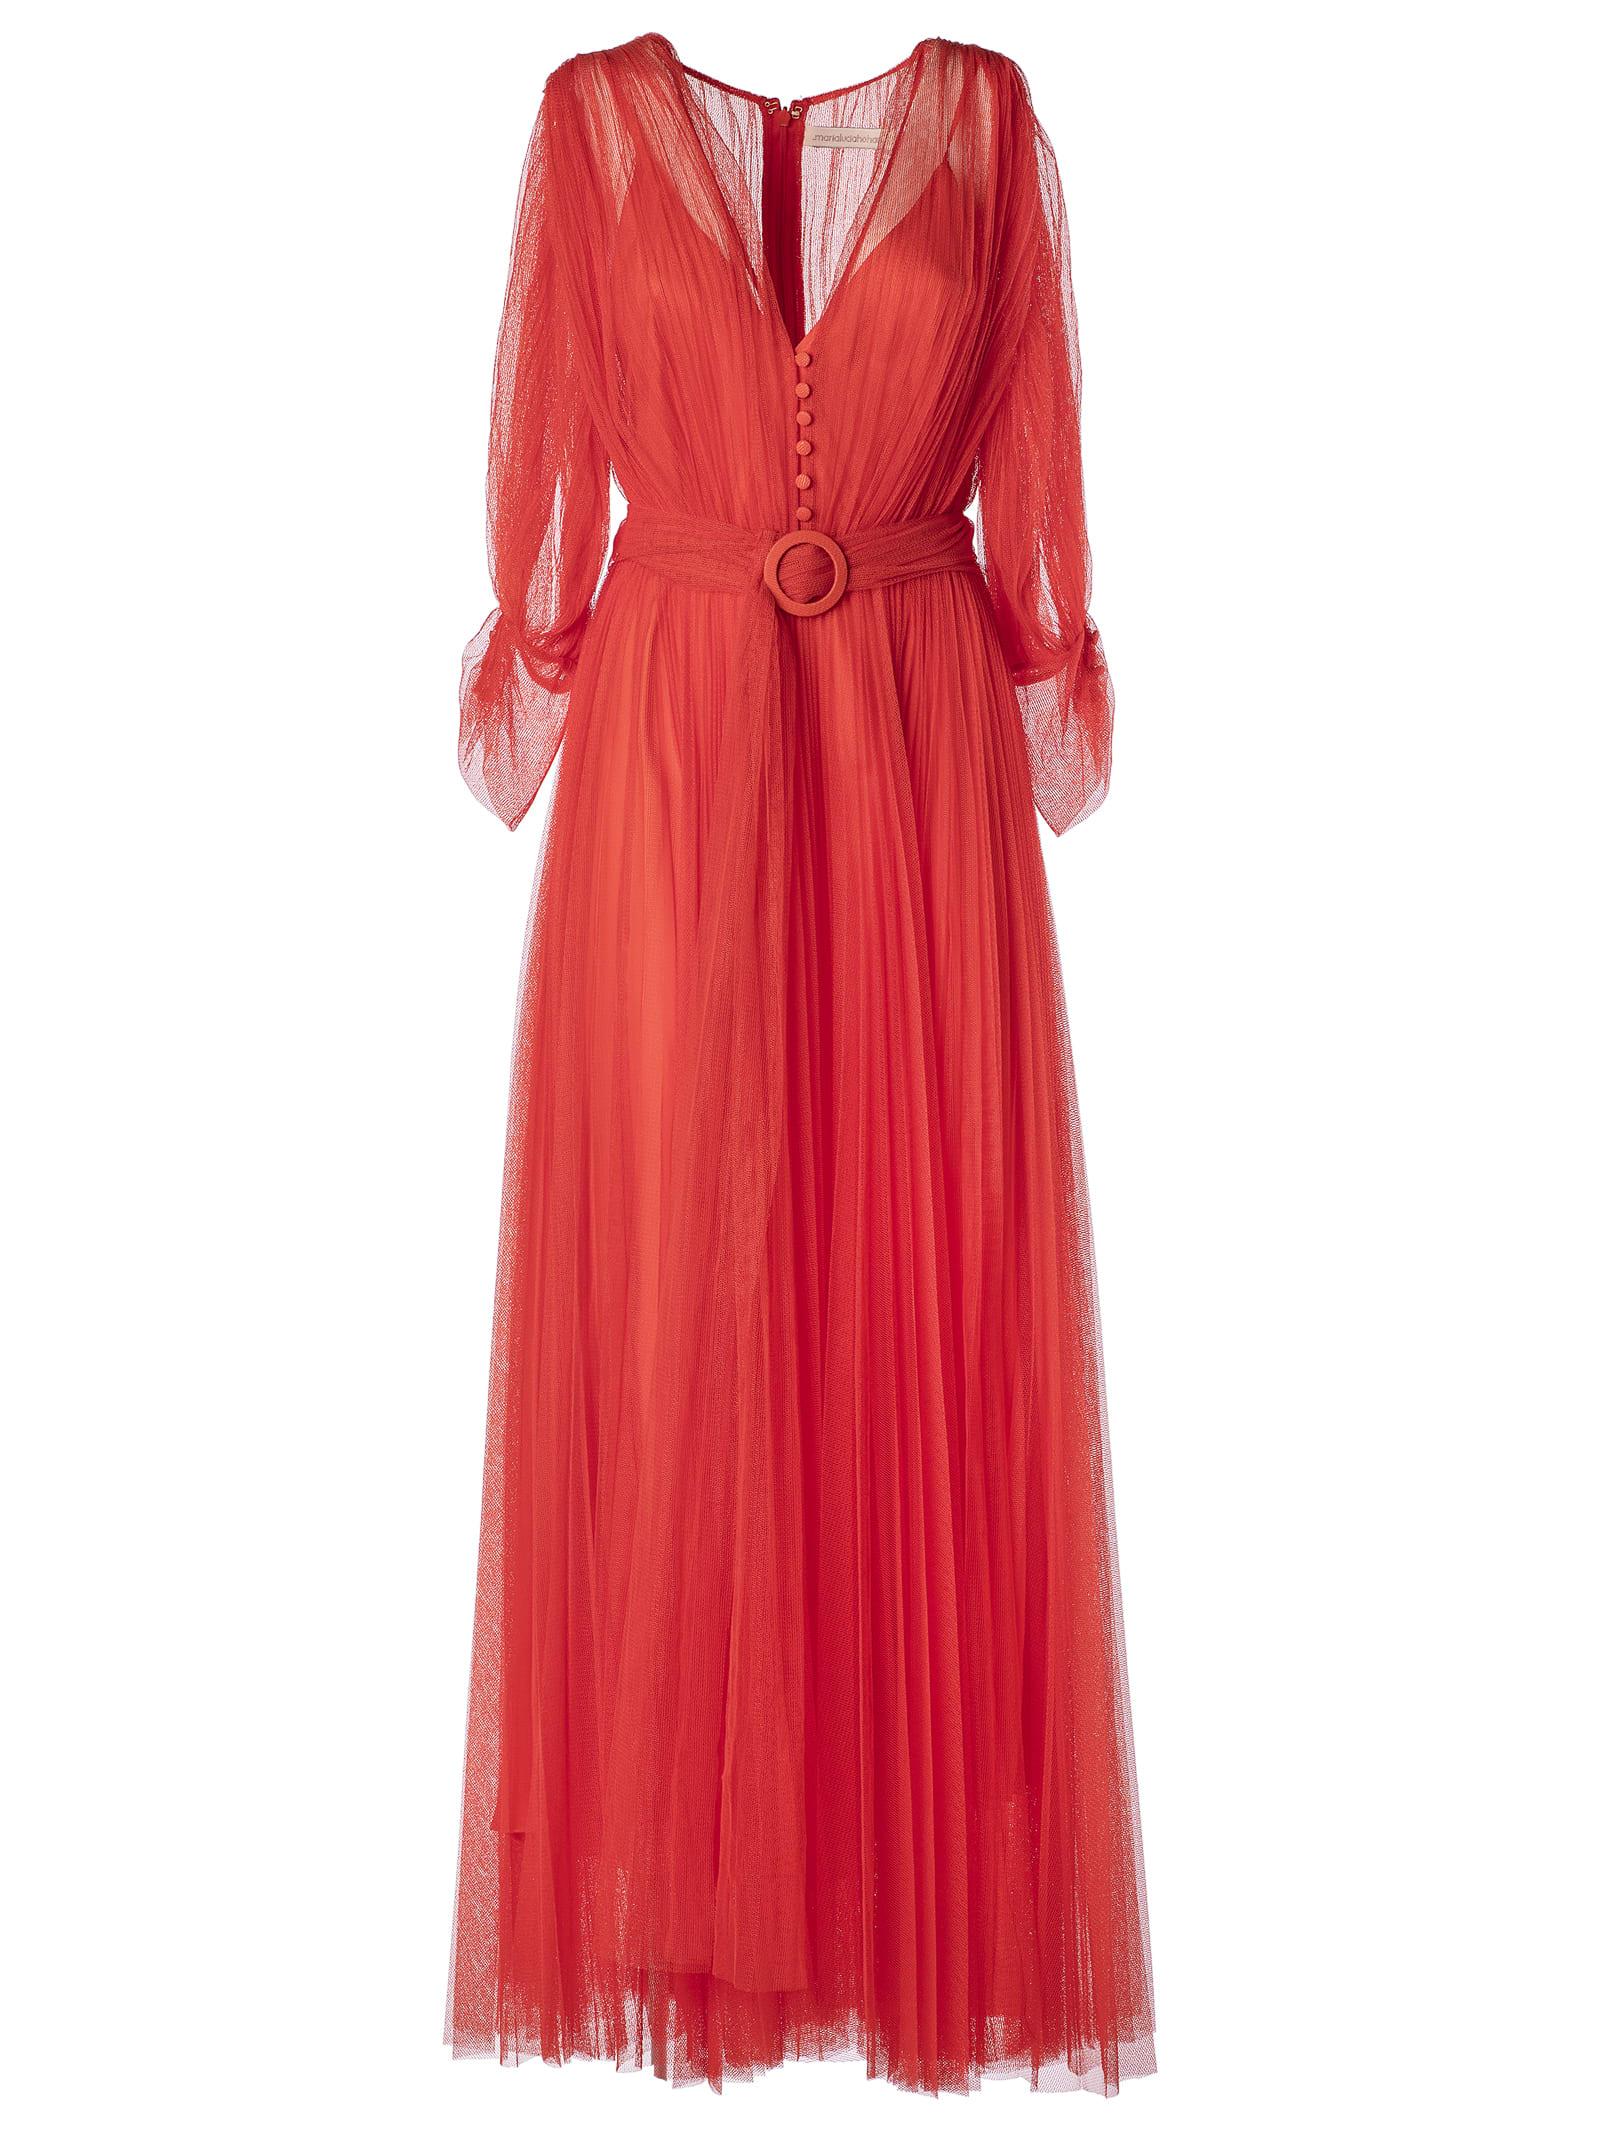 Maria Lucia Hohan Aminah Dress